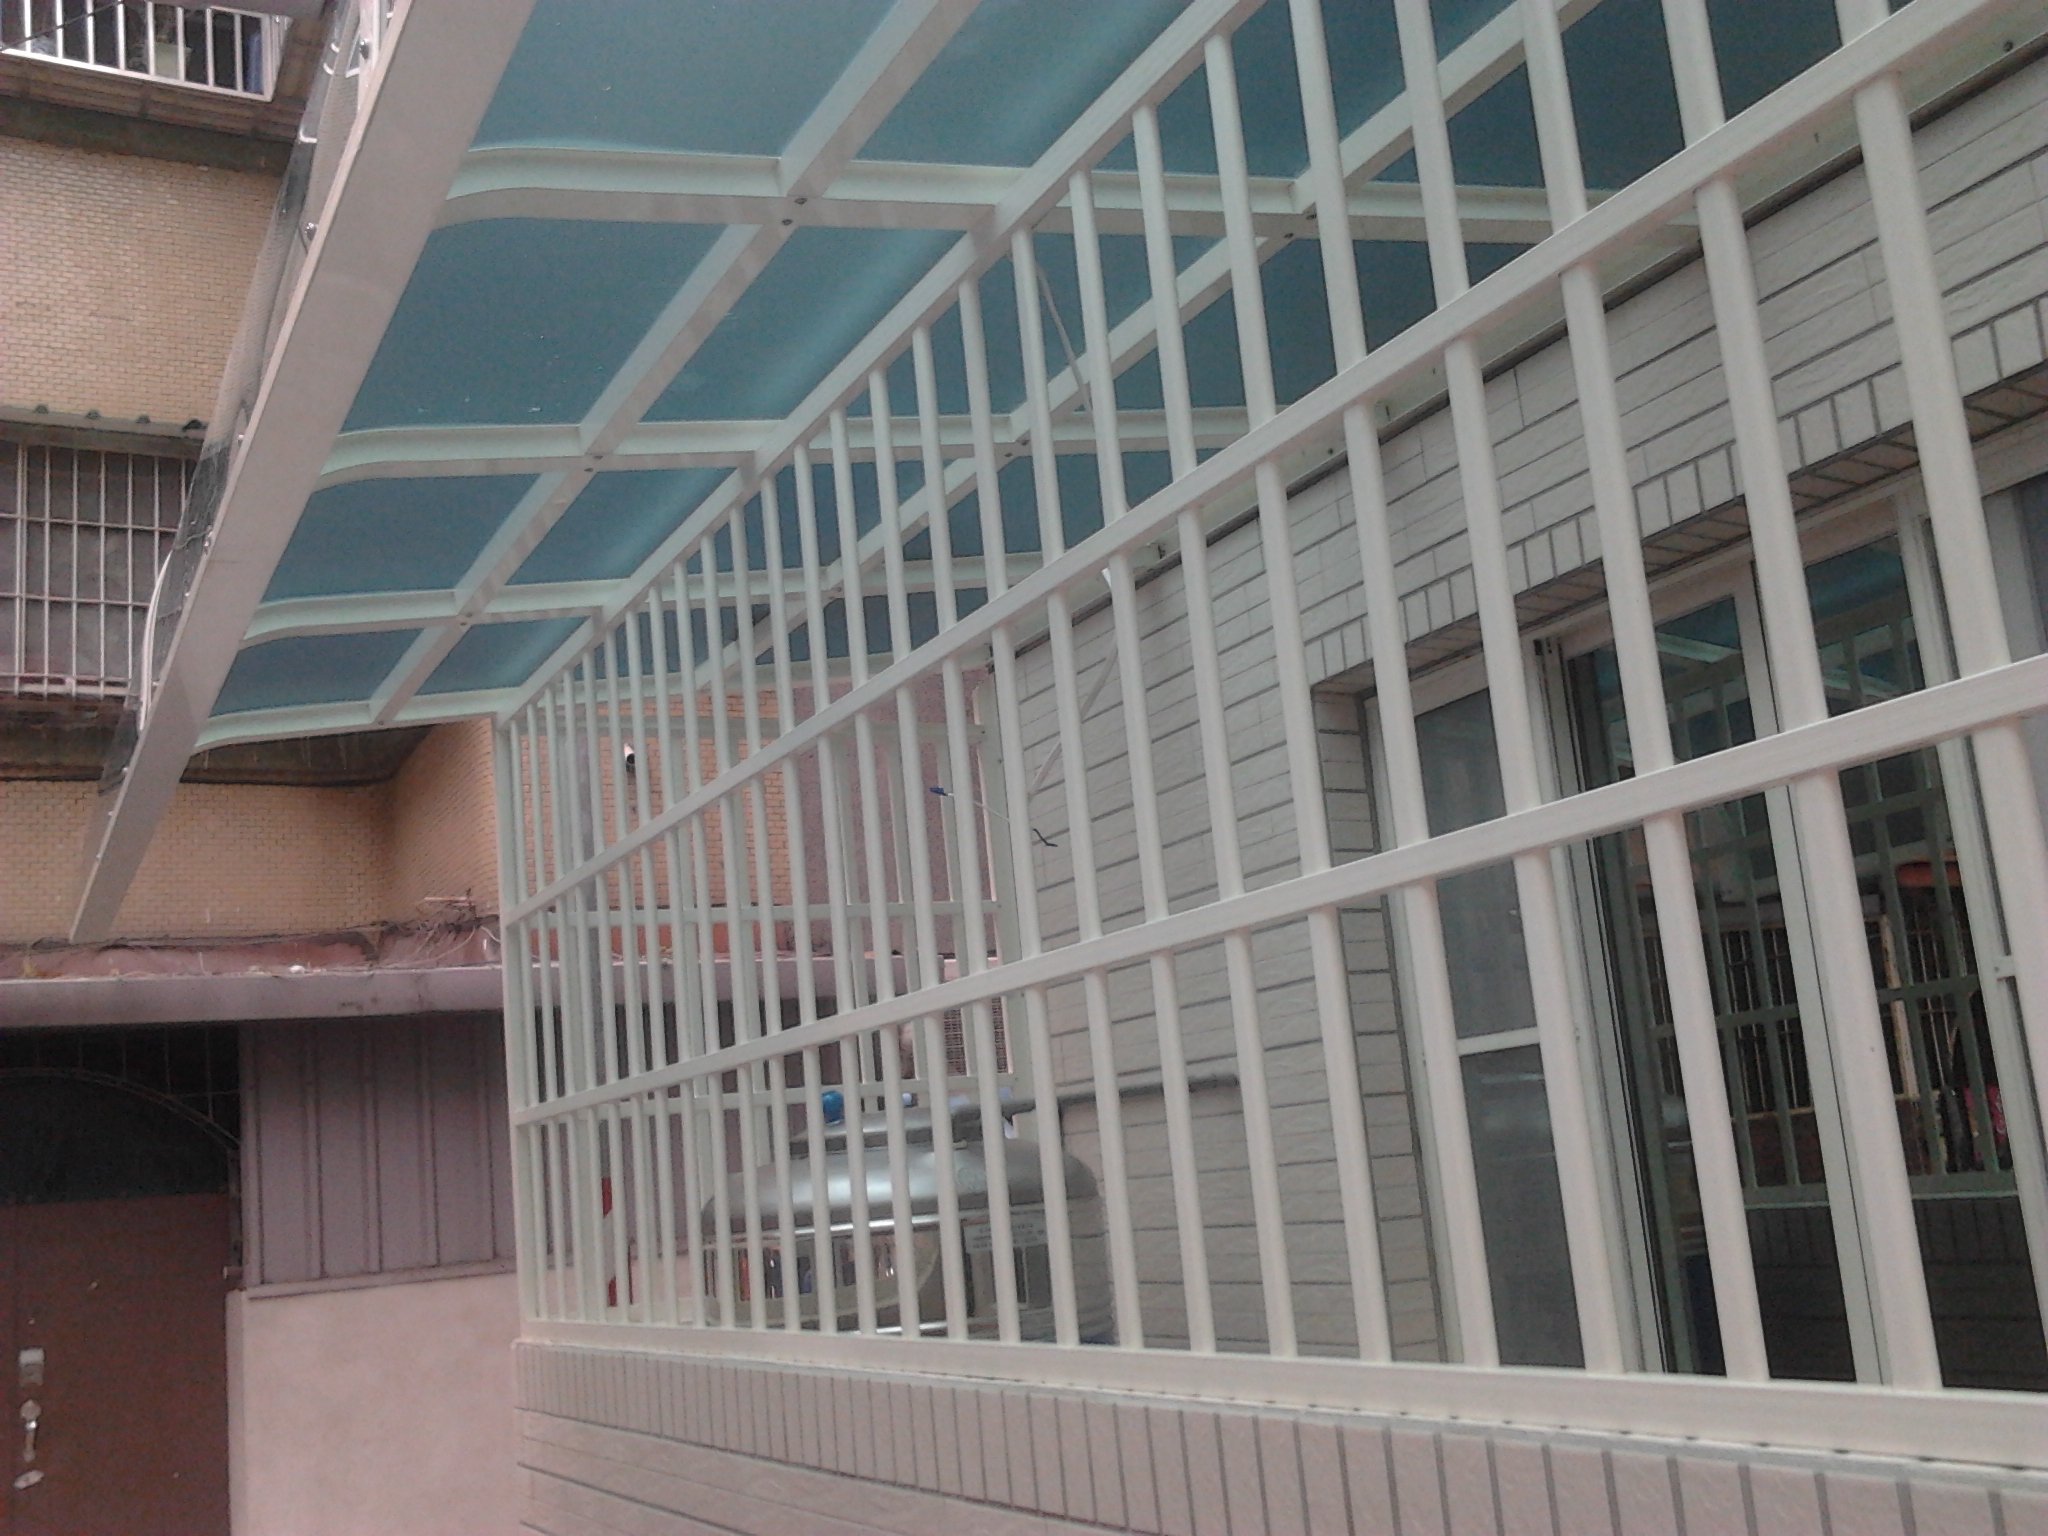 鋁格柵鋁鐵窗固展鋁